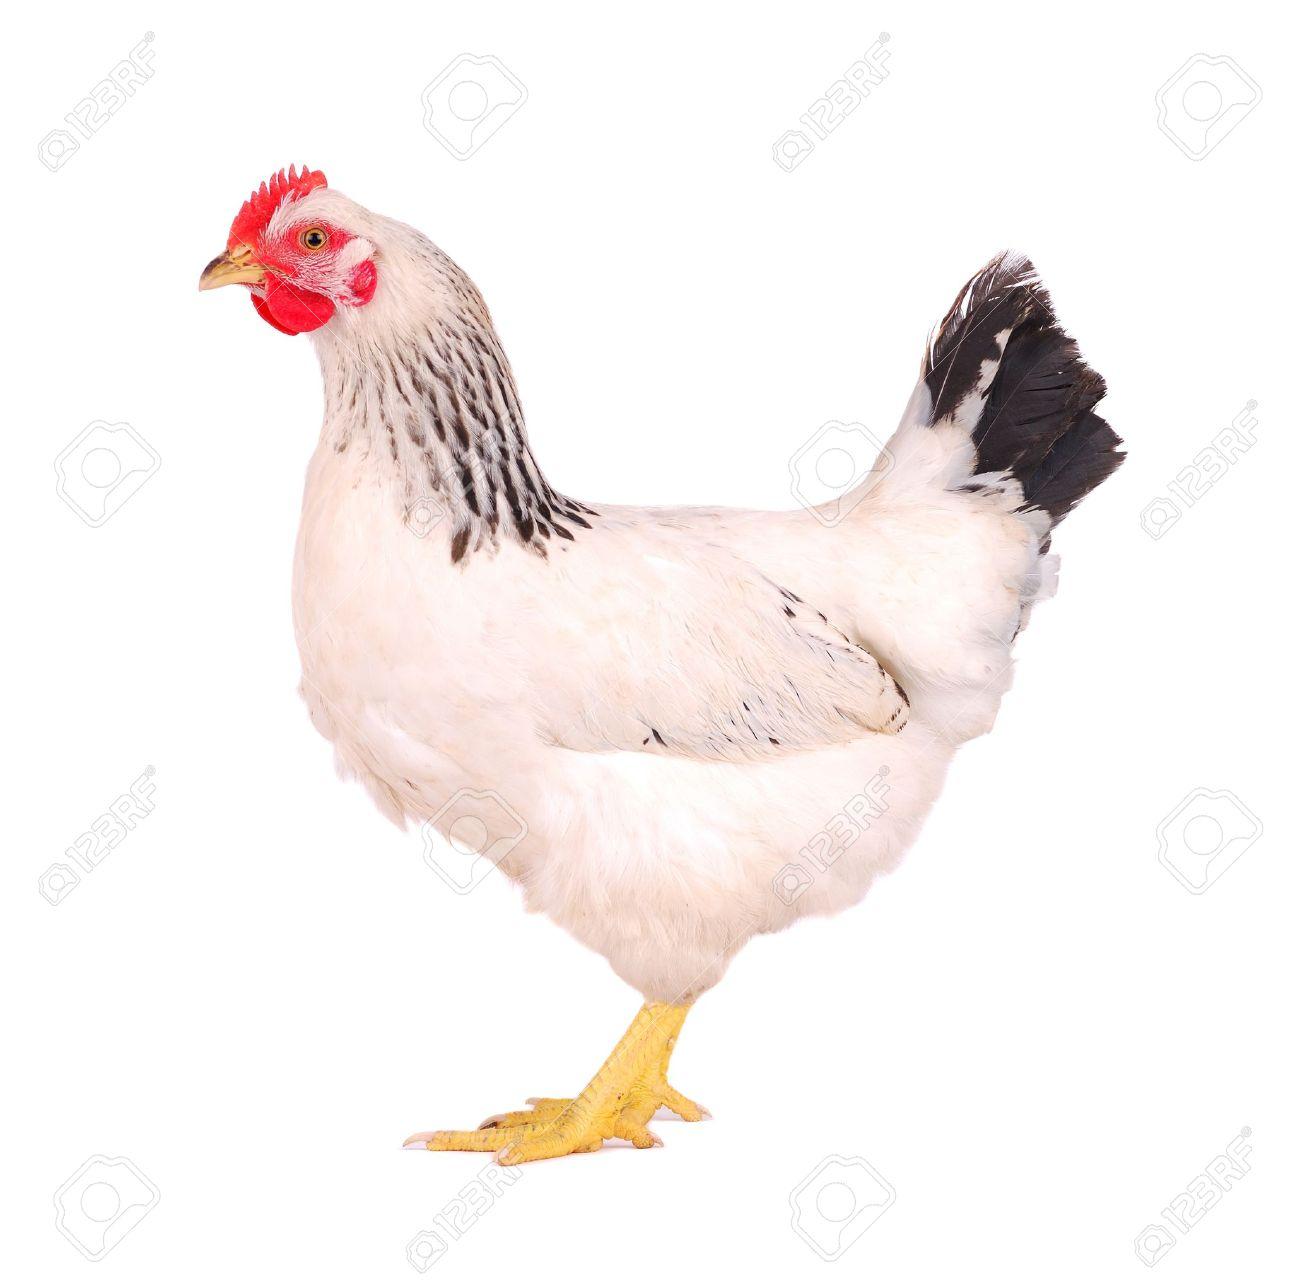 White hen isolated on white, studio shot. Stock Photo - 10662182